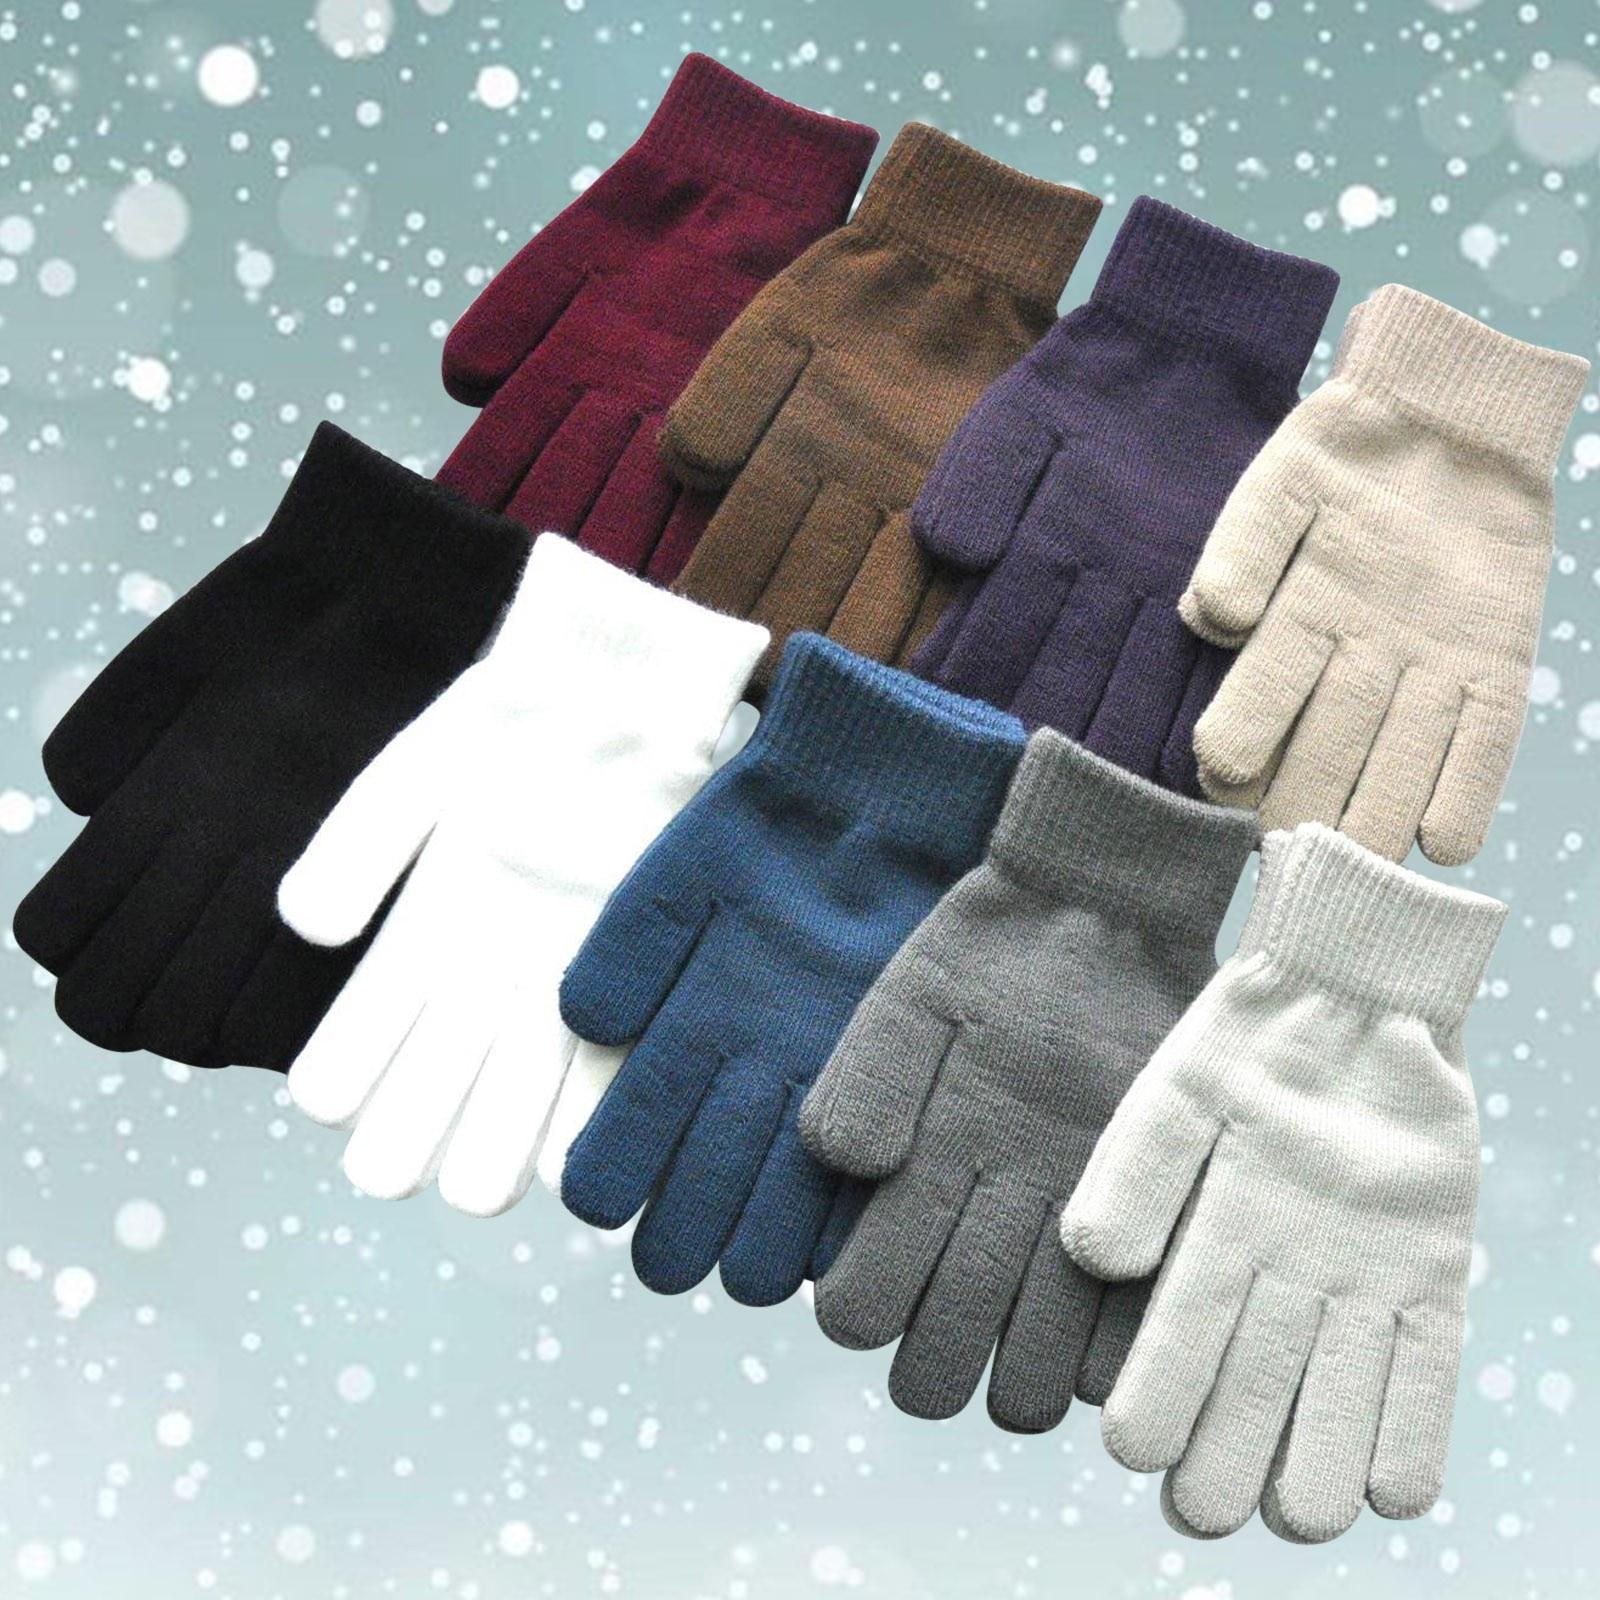 Зимние перчатки, Женские варежки с закрытыми пальцами, перчатки, теплые вязаные шерстяные перчатки для рук, зимние теплые флисовые перчатки...